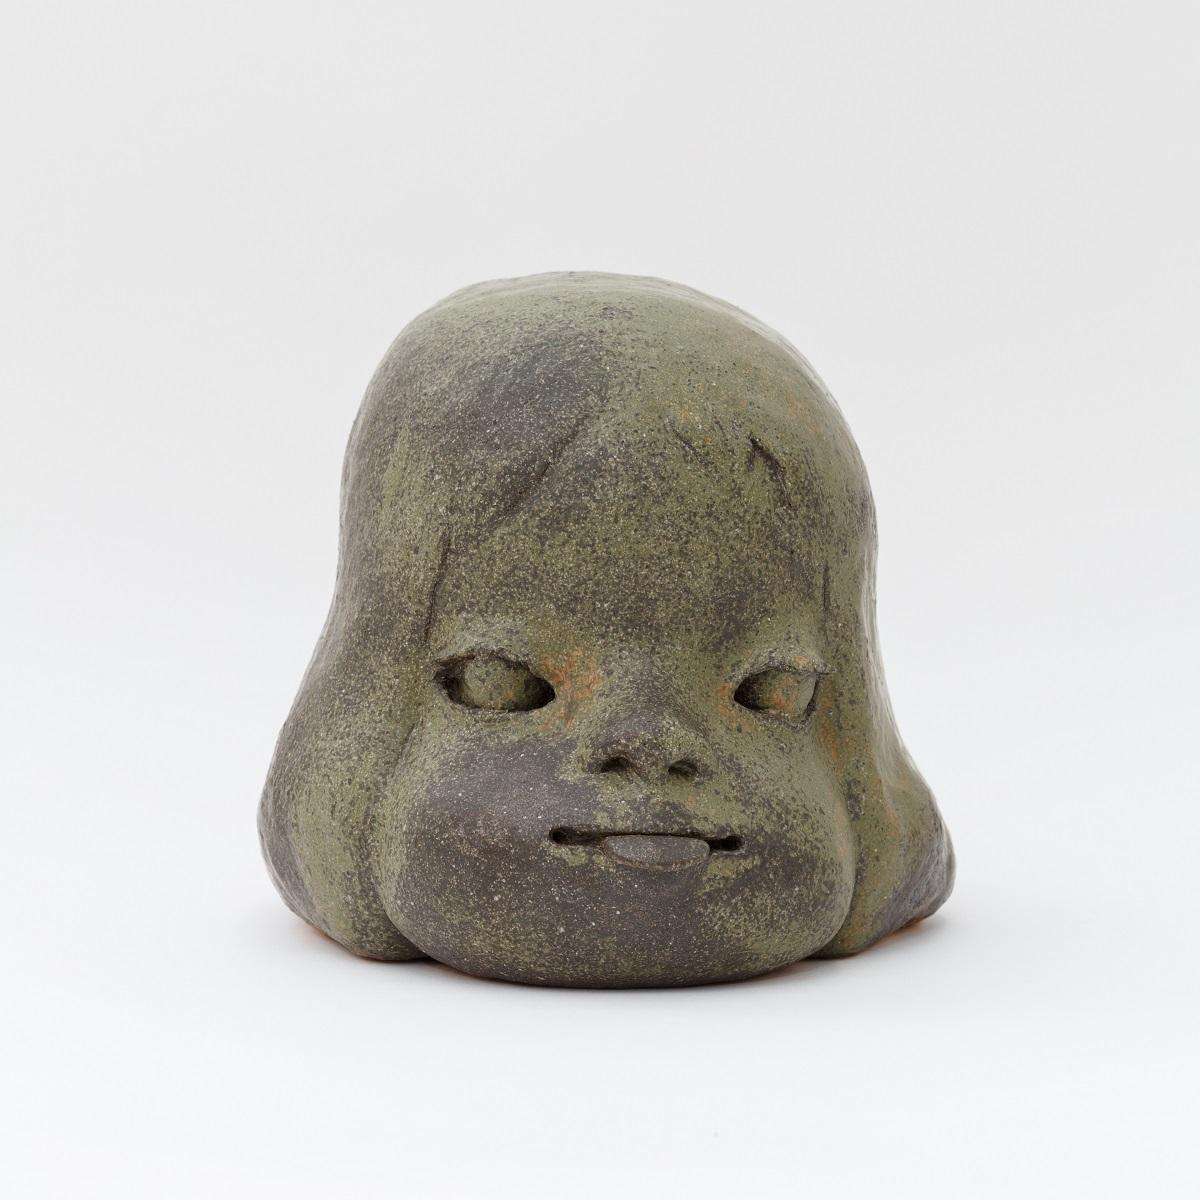 奈良美智《舌出しの子》2010 28×37×28cm ©Yoshitomo Nara